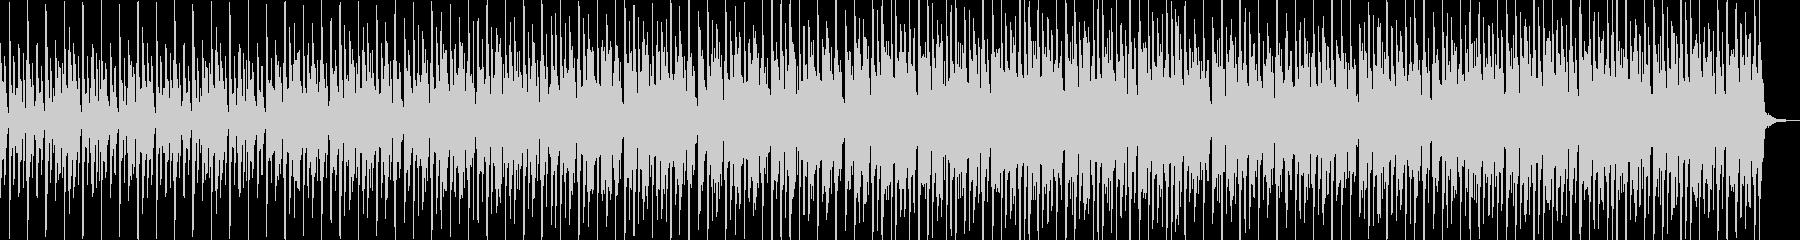 柔らかいシンセハウスの未再生の波形